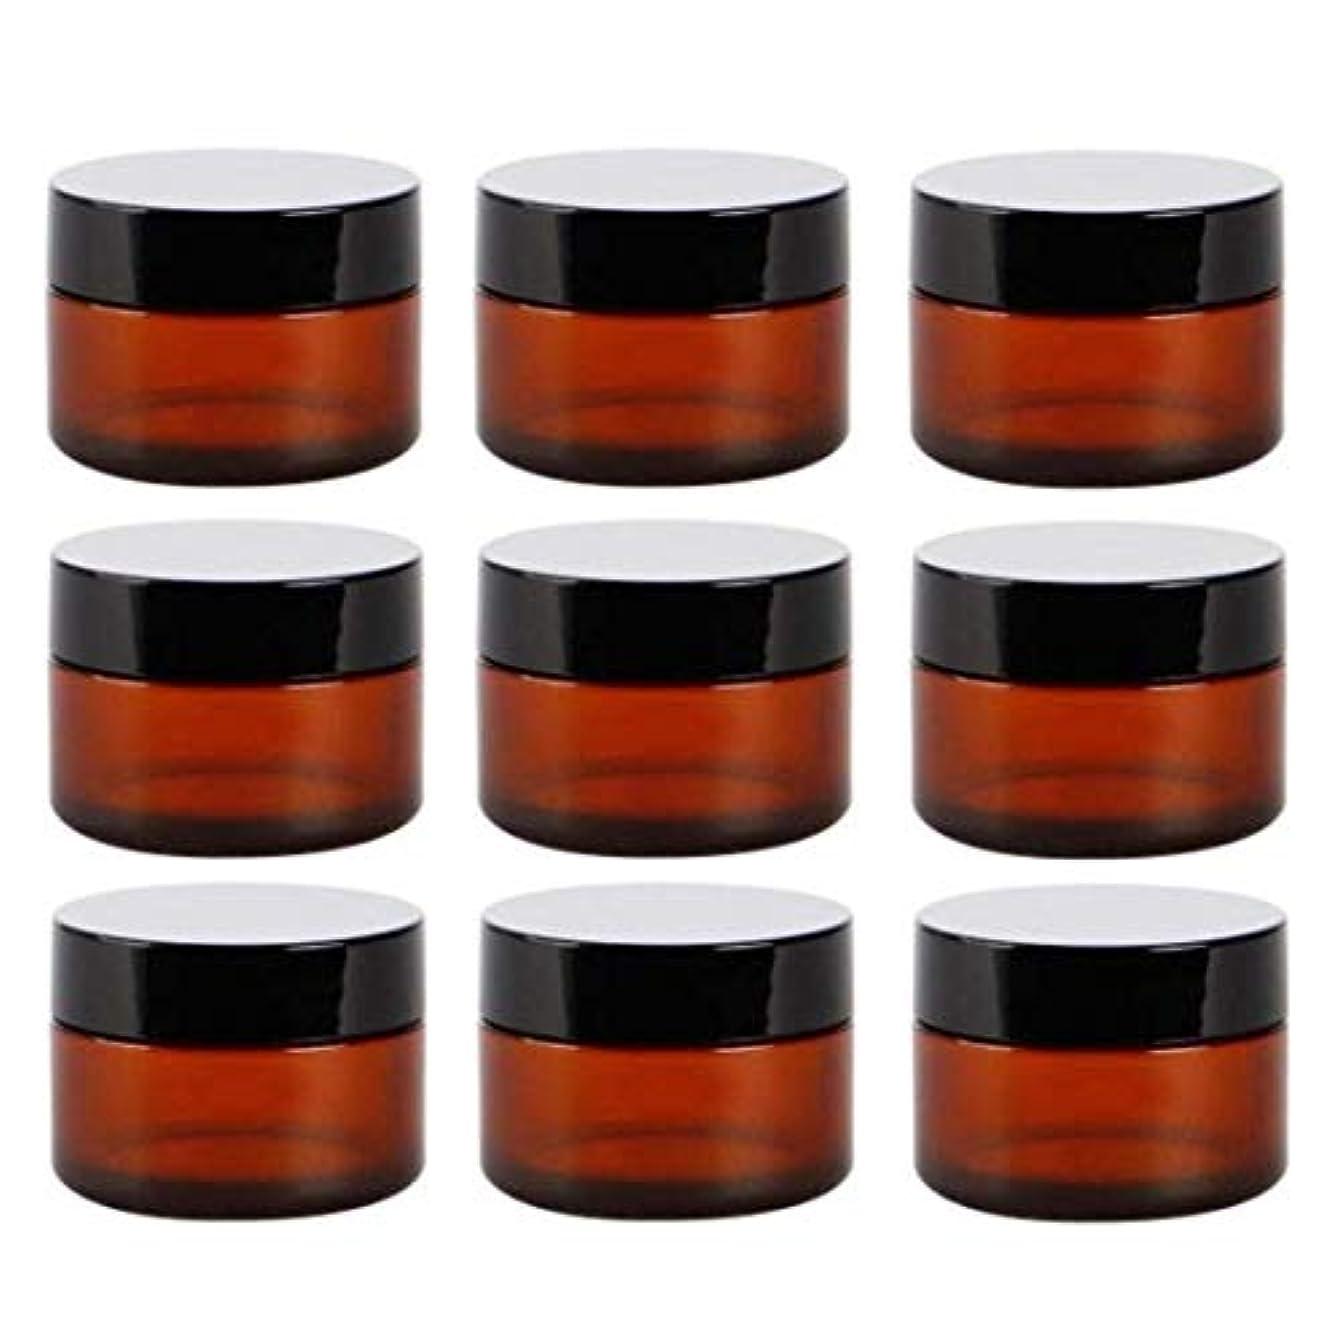 同等の率直な浴アロマオイル 精油 香水やアロマの保存 小分け用 遮光瓶 詰替え ガラス製 9本セット茶色10g